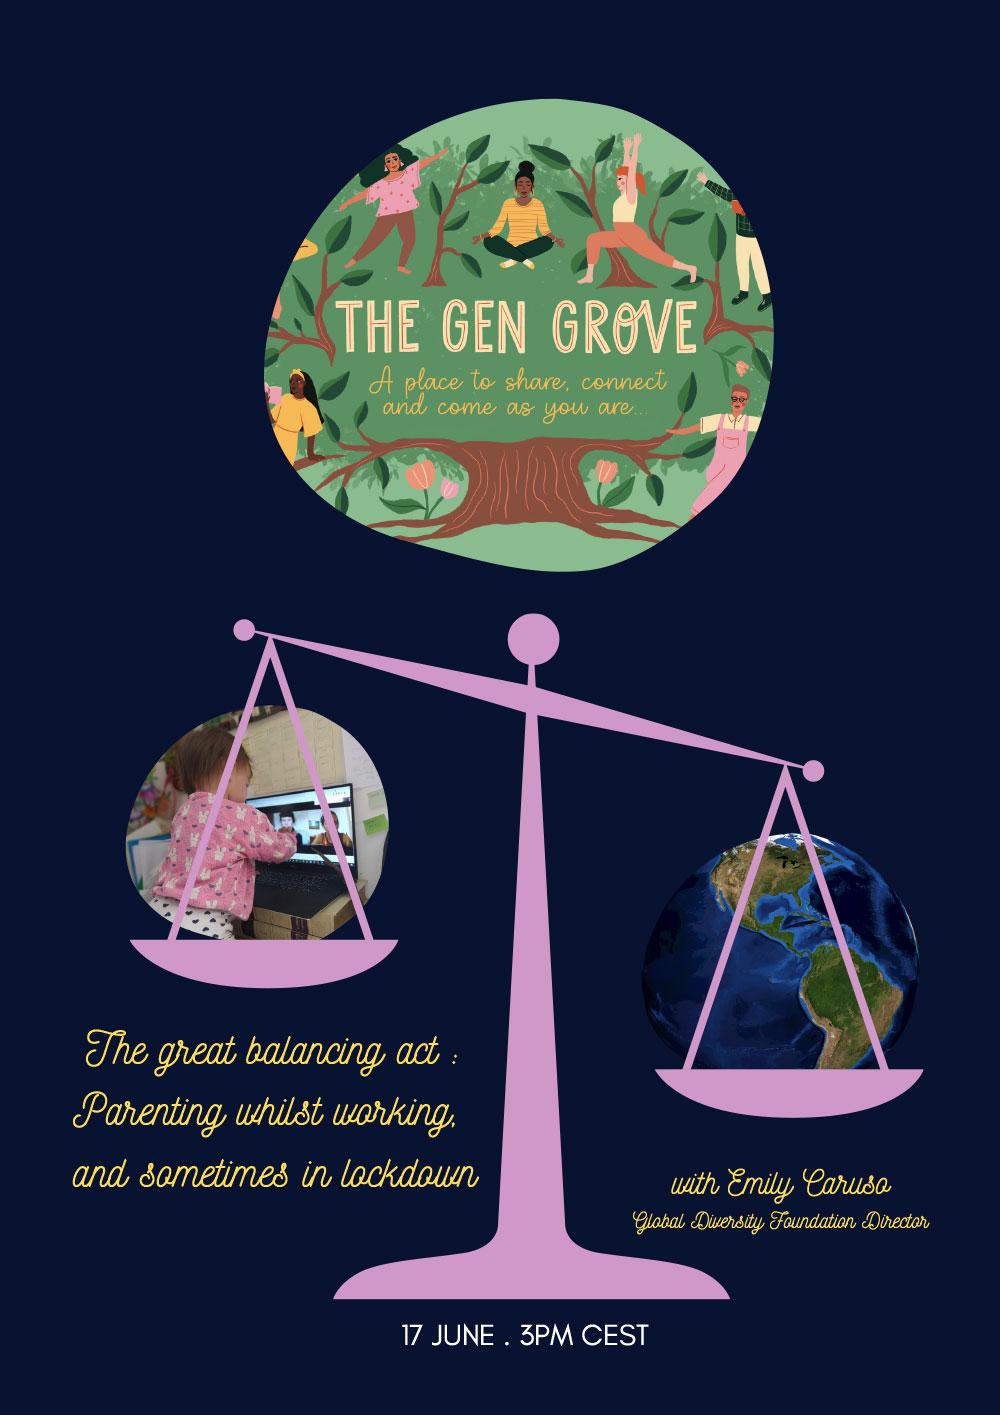 The GEN Grove